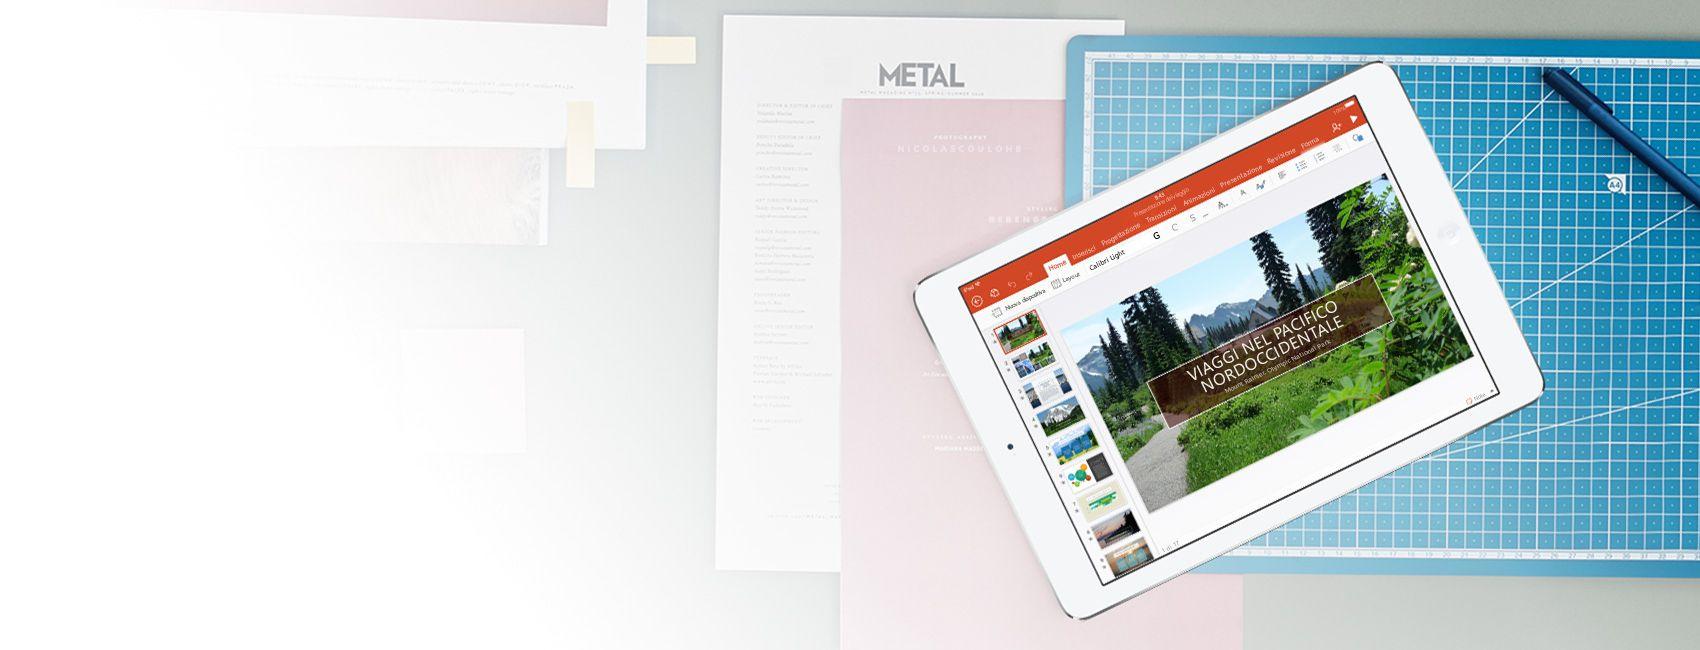 iPad che visualizza una presentazione di PowerPoint sui viaggi nel Pacifico nordoccidentale